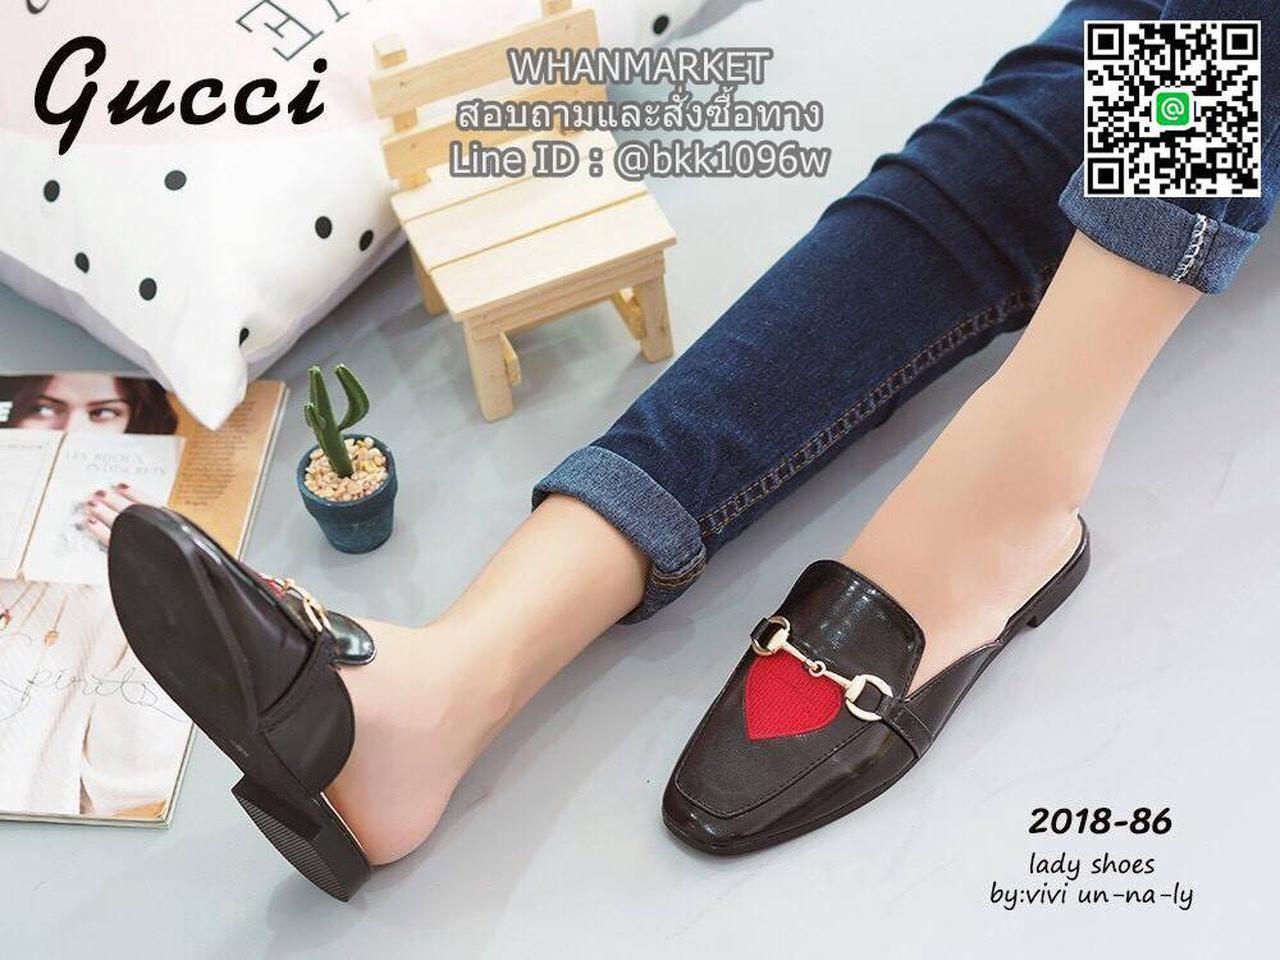 รองเท้าแตะหัวตัด งานเปิดส้น งานstyle Gucci ปักลายรูปปากและหัวใจ สุดน่าร๊าก รูปที่ 4